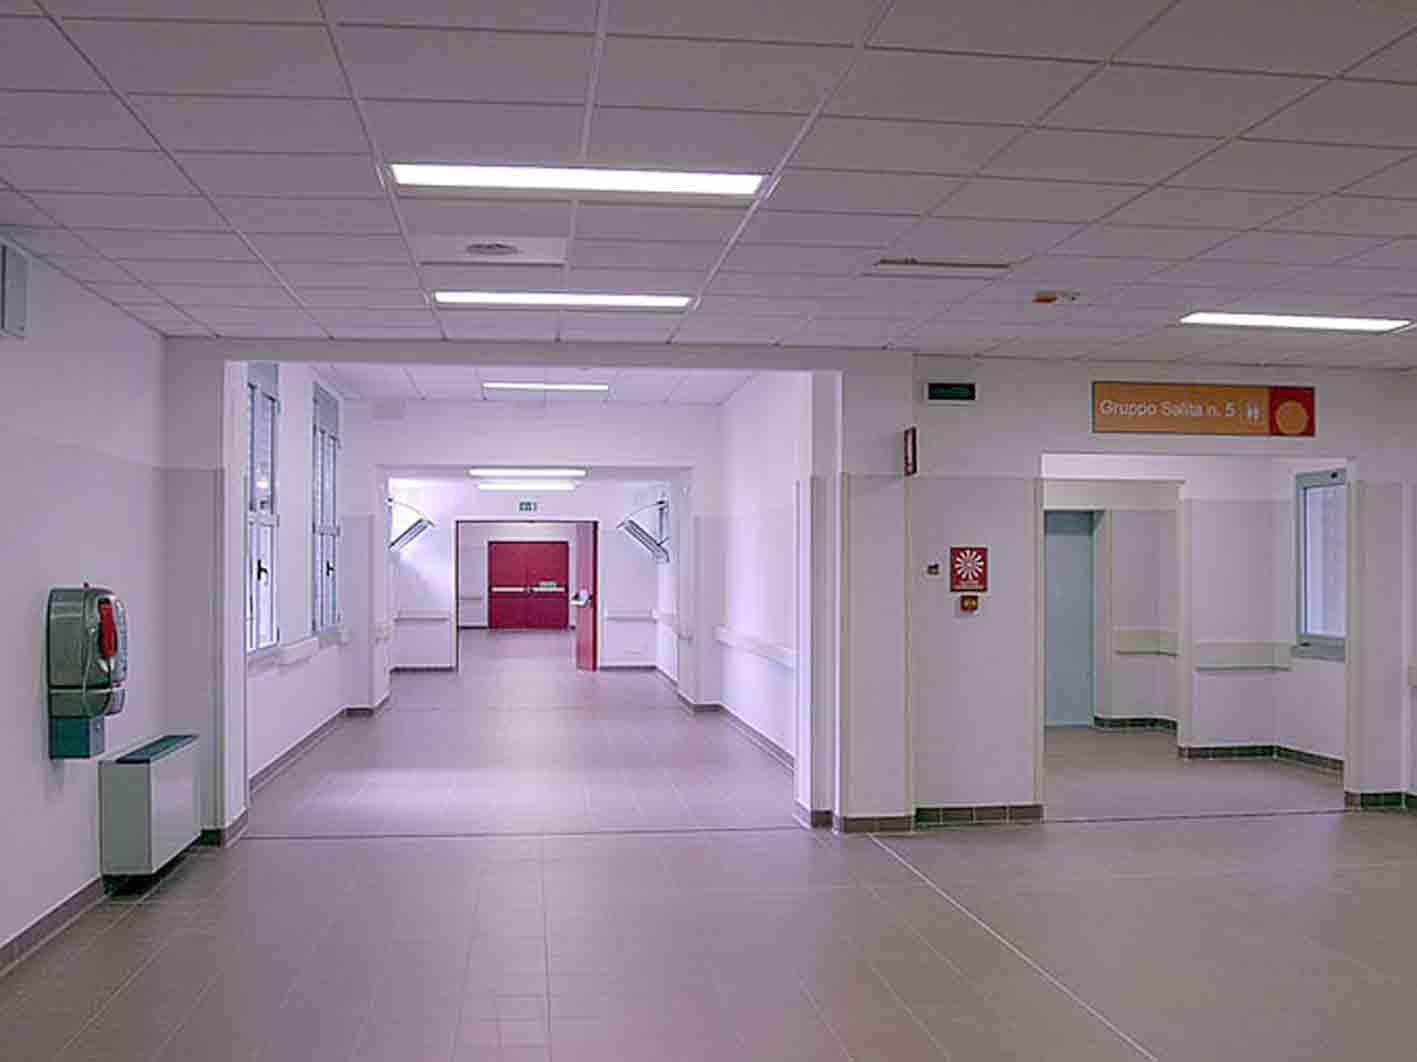 Tragedia all'ospedale Maria Vittoria di Torino, dirigente medico si suicida